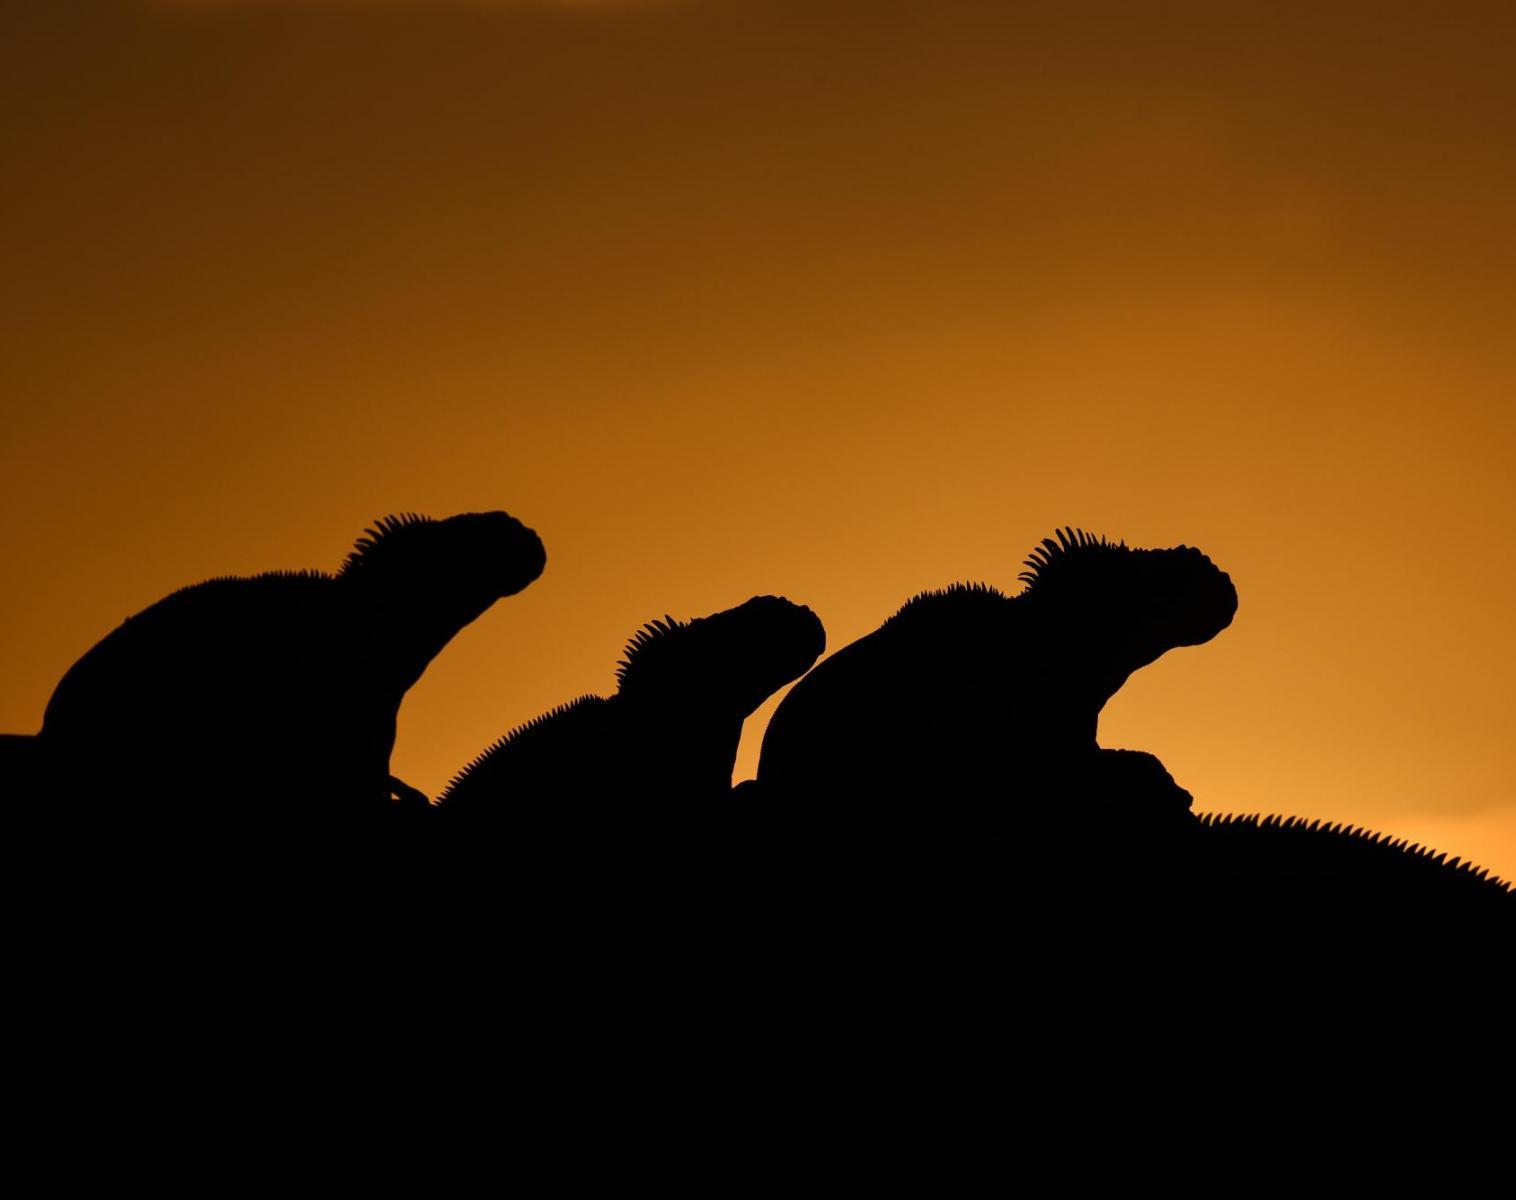 Équateur  Croisière aux Galápagos    Photo Observation nature Navigation Apnée & Plongée  Balade nature